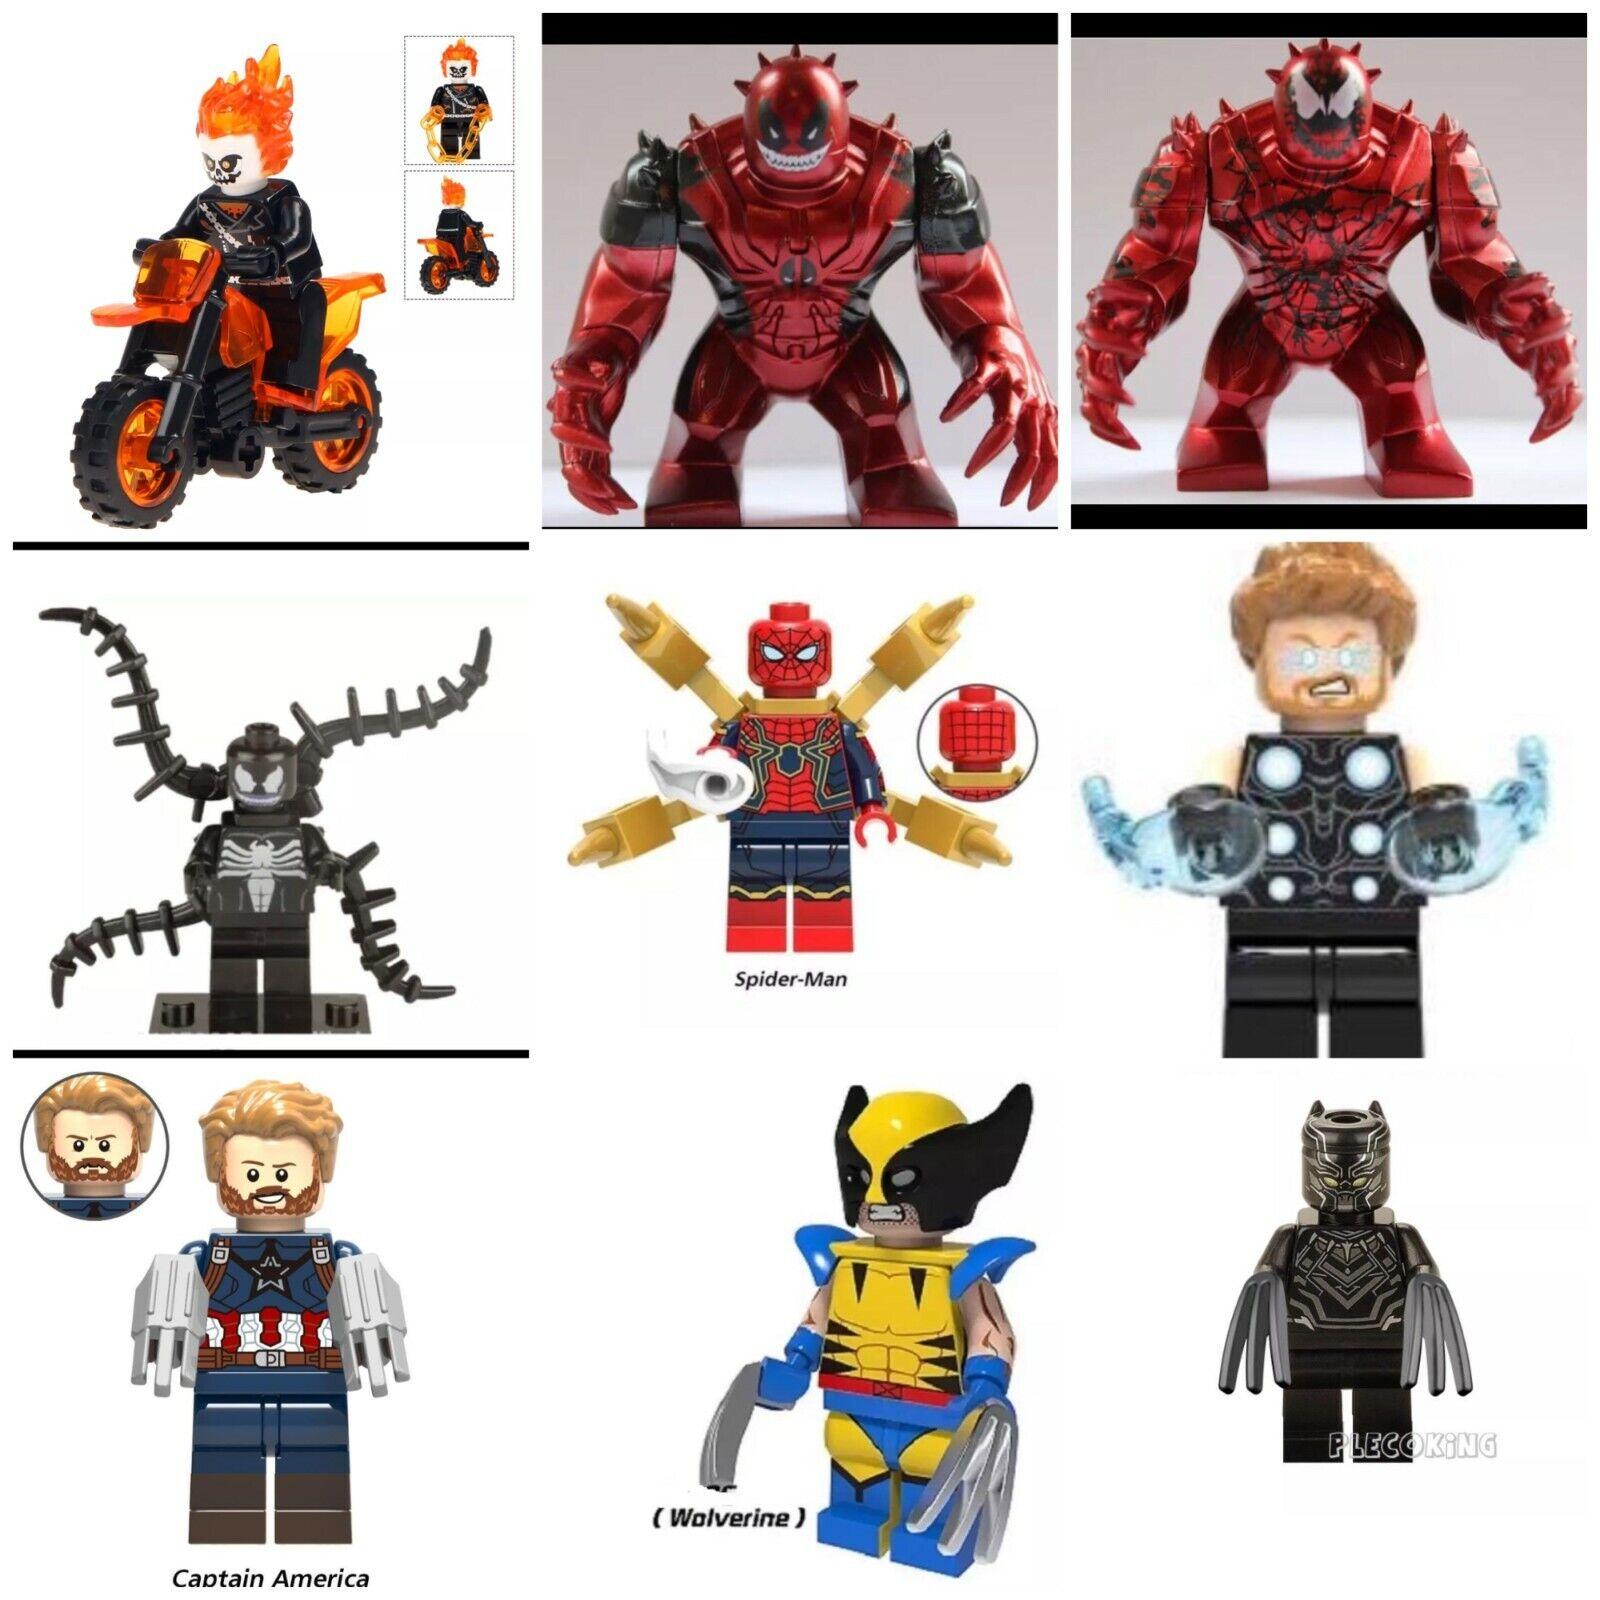 LEGO CLOAK /& DAGGER Custom PAD PRINTED Super Heroes MARVEL Comics Spider-Man